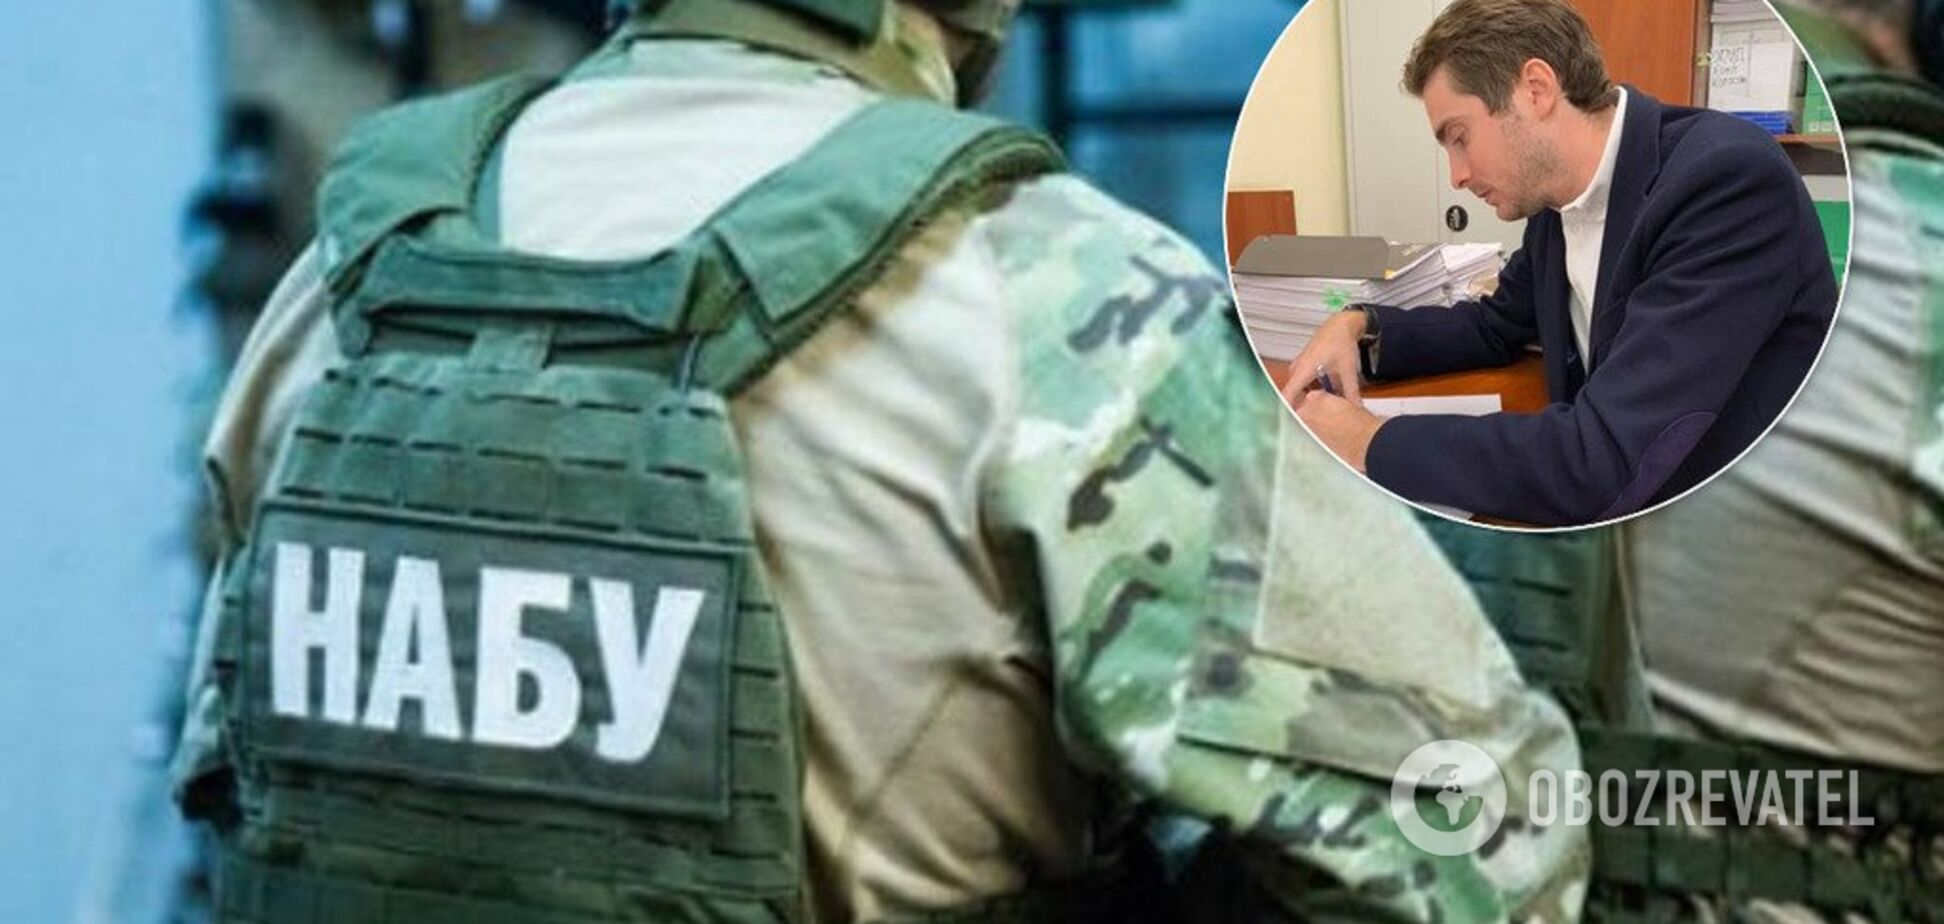 'Политические репрессии': у Кличко рассказали о давлении НАБУ